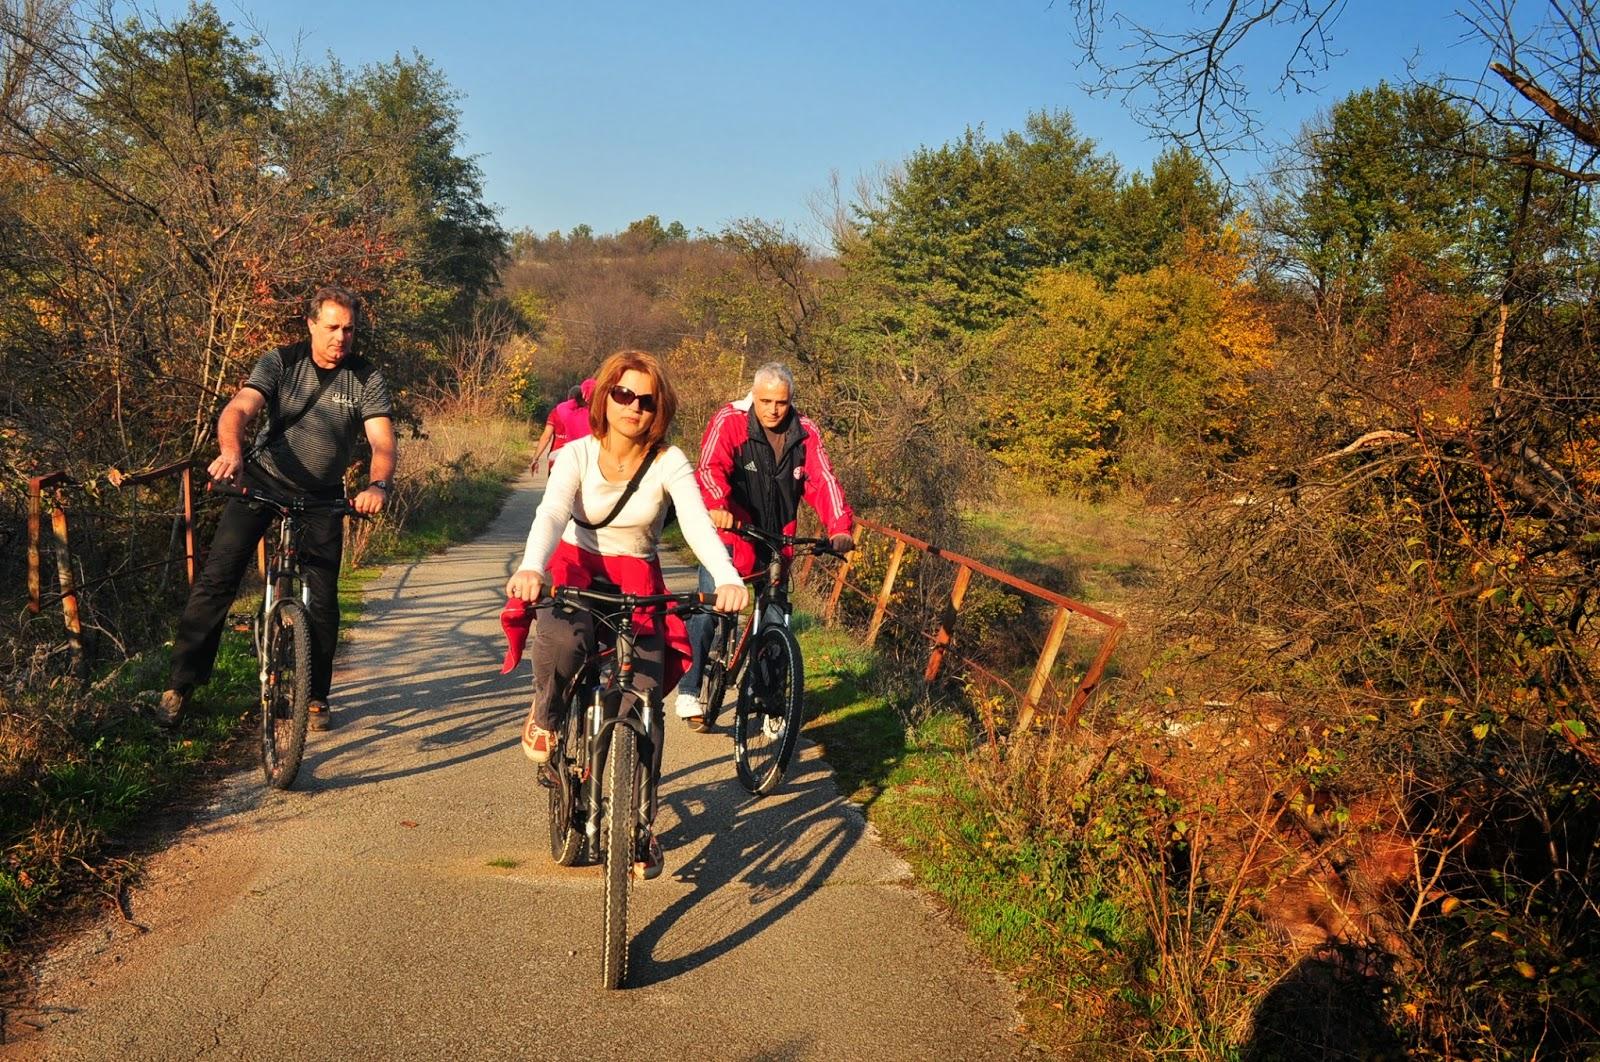 Местният велоклуб отдава под наем планински колела за преходи сред скалните образувания. В района на село Фалковец разглеждаме живописния каньон Средогрив, леснодостъпен и за по-неопитни колоездачи.